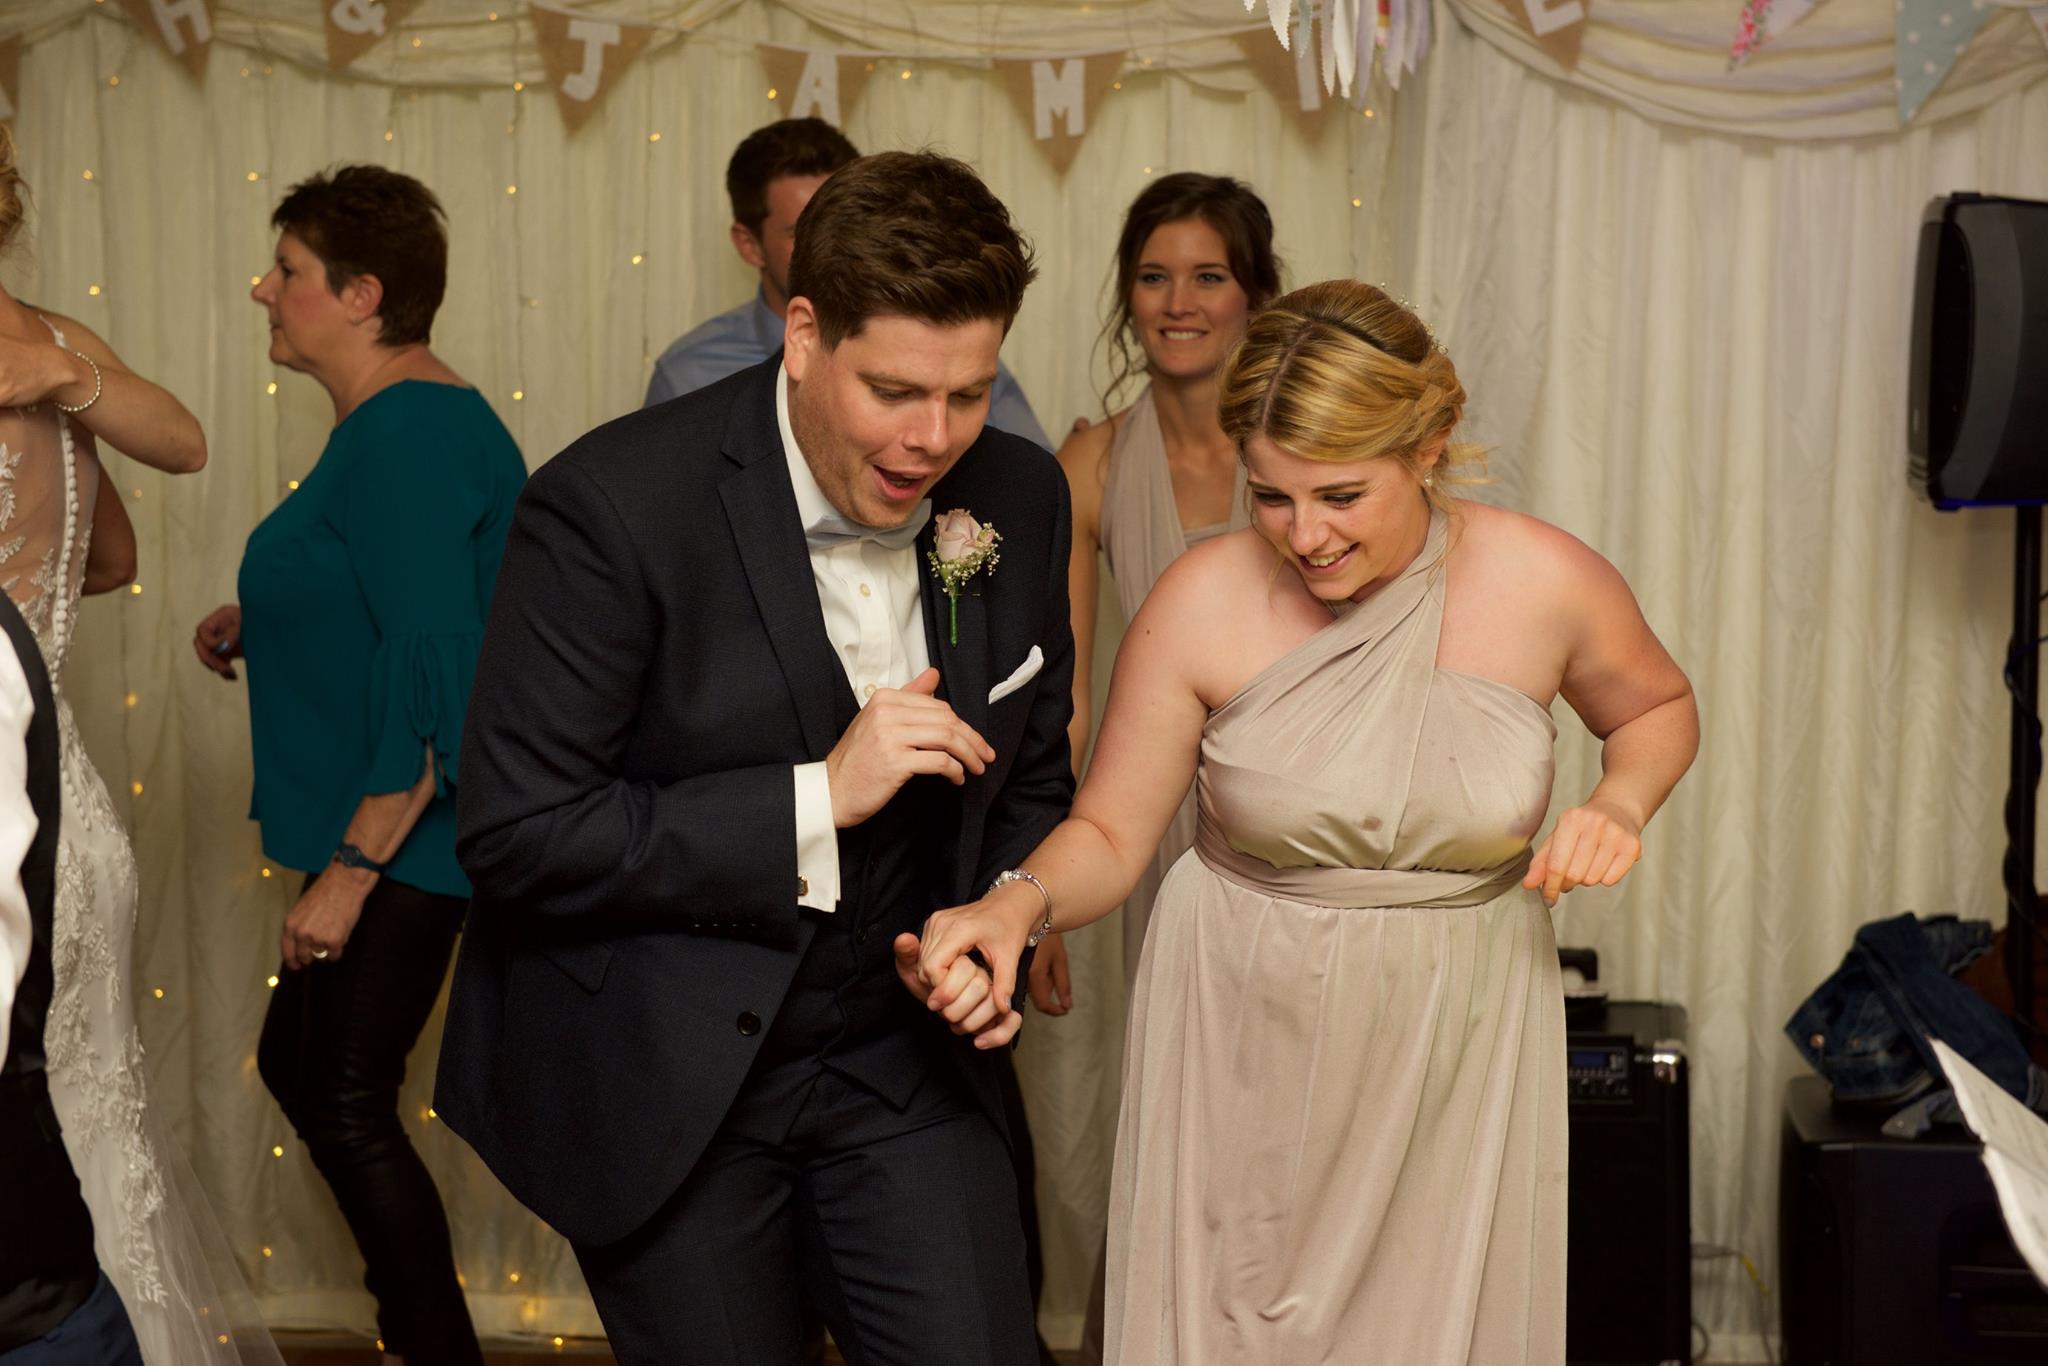 jamie dancing.jpg